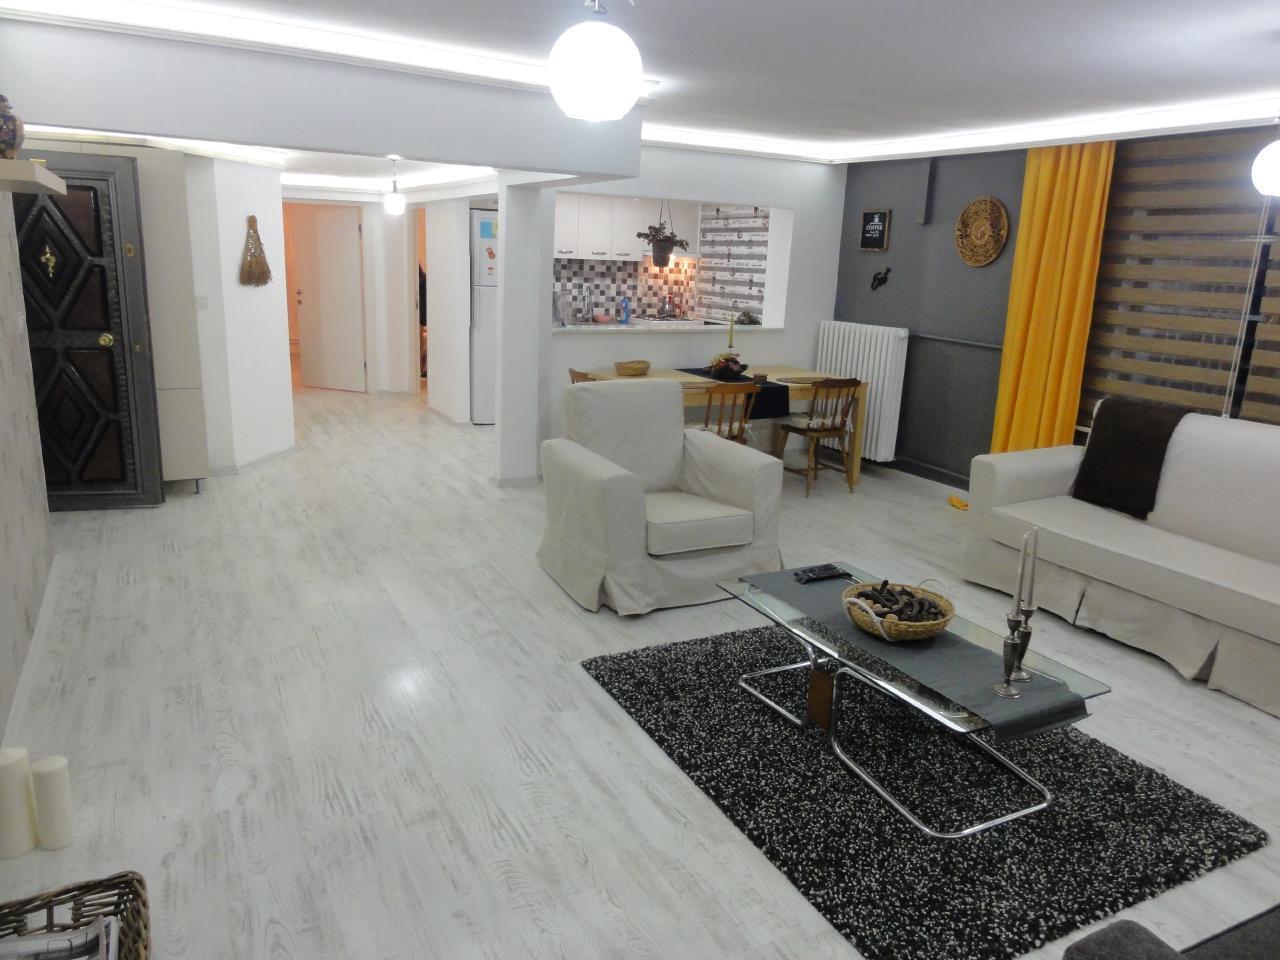 Ferienwohnung Evodak Apartment D 2 (1710501), Balgat, , Zentralanatolien, Türkei, Bild 3